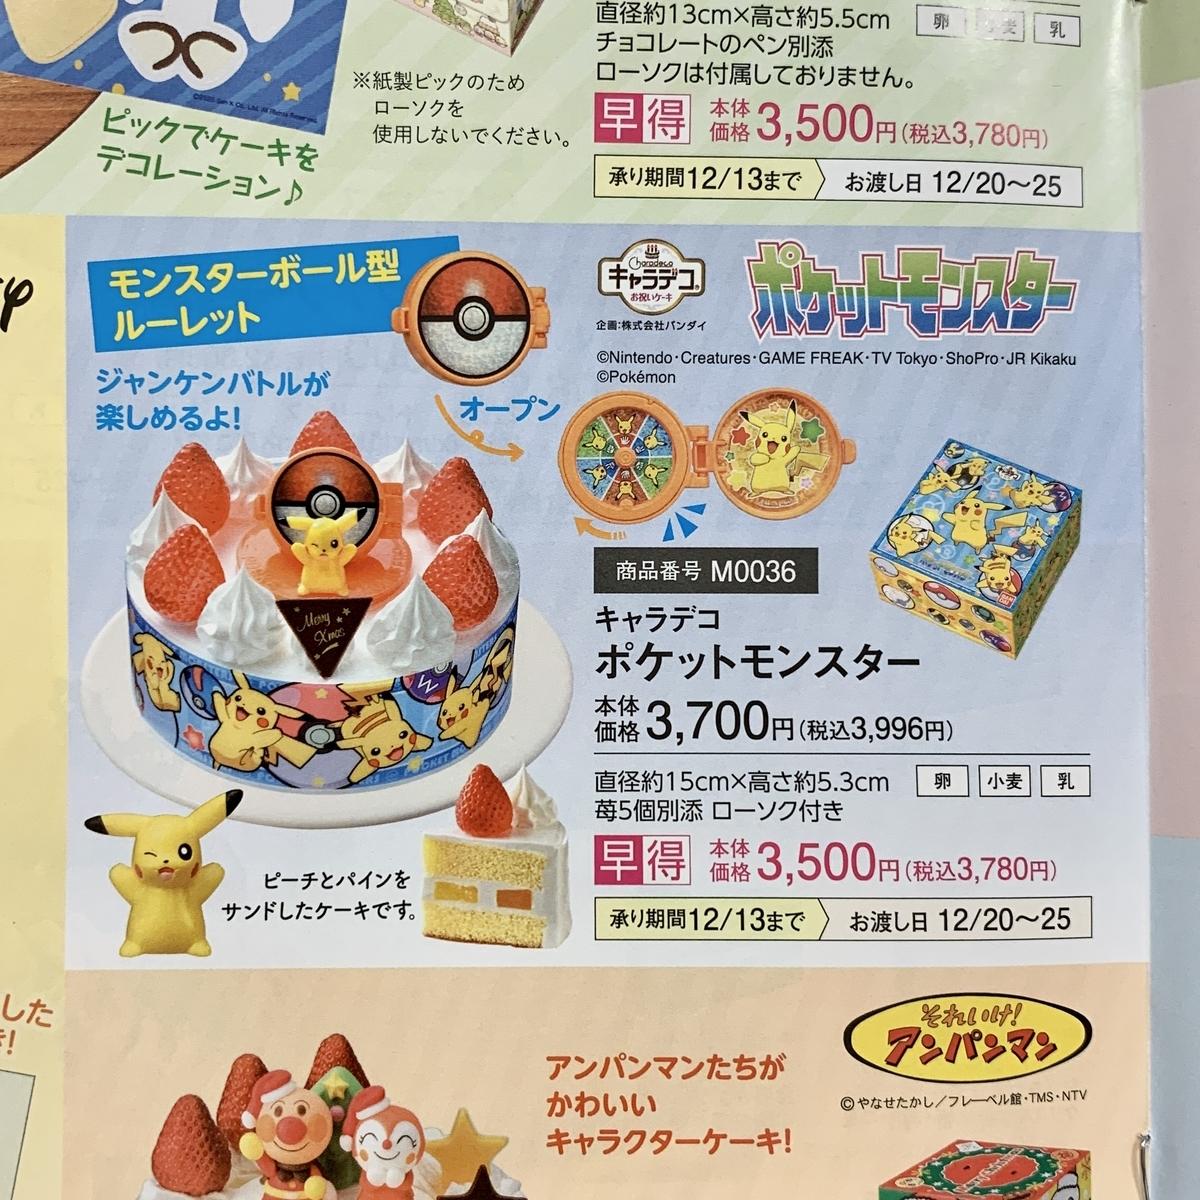 f:id:pikachu_pcn:20201027201318j:plain